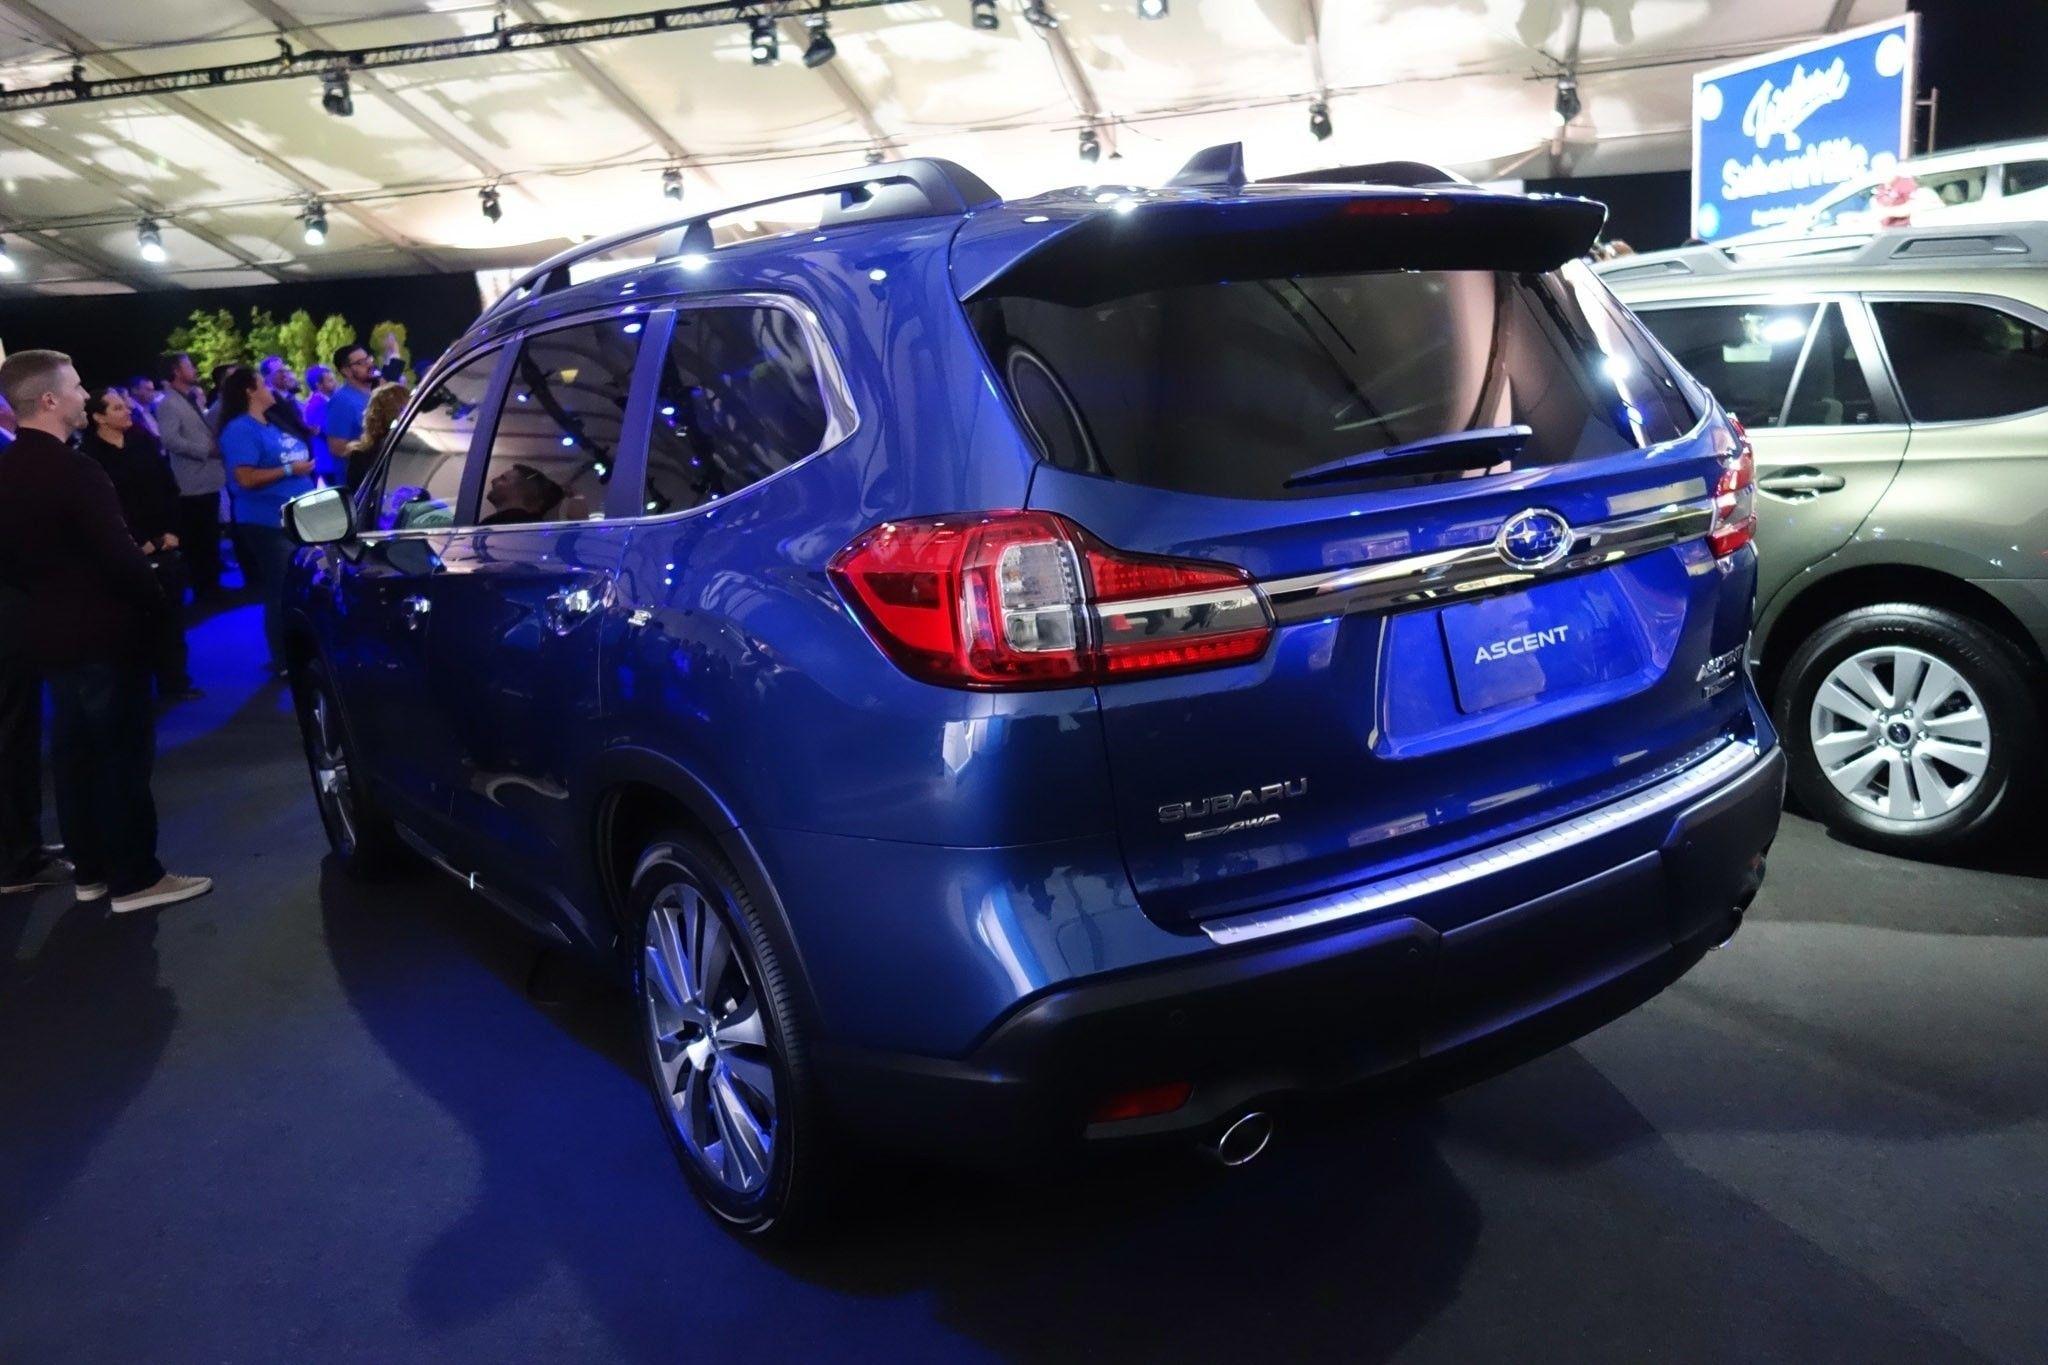 2019 Subaru Blue Redesign, Price and Review Subaru, Van